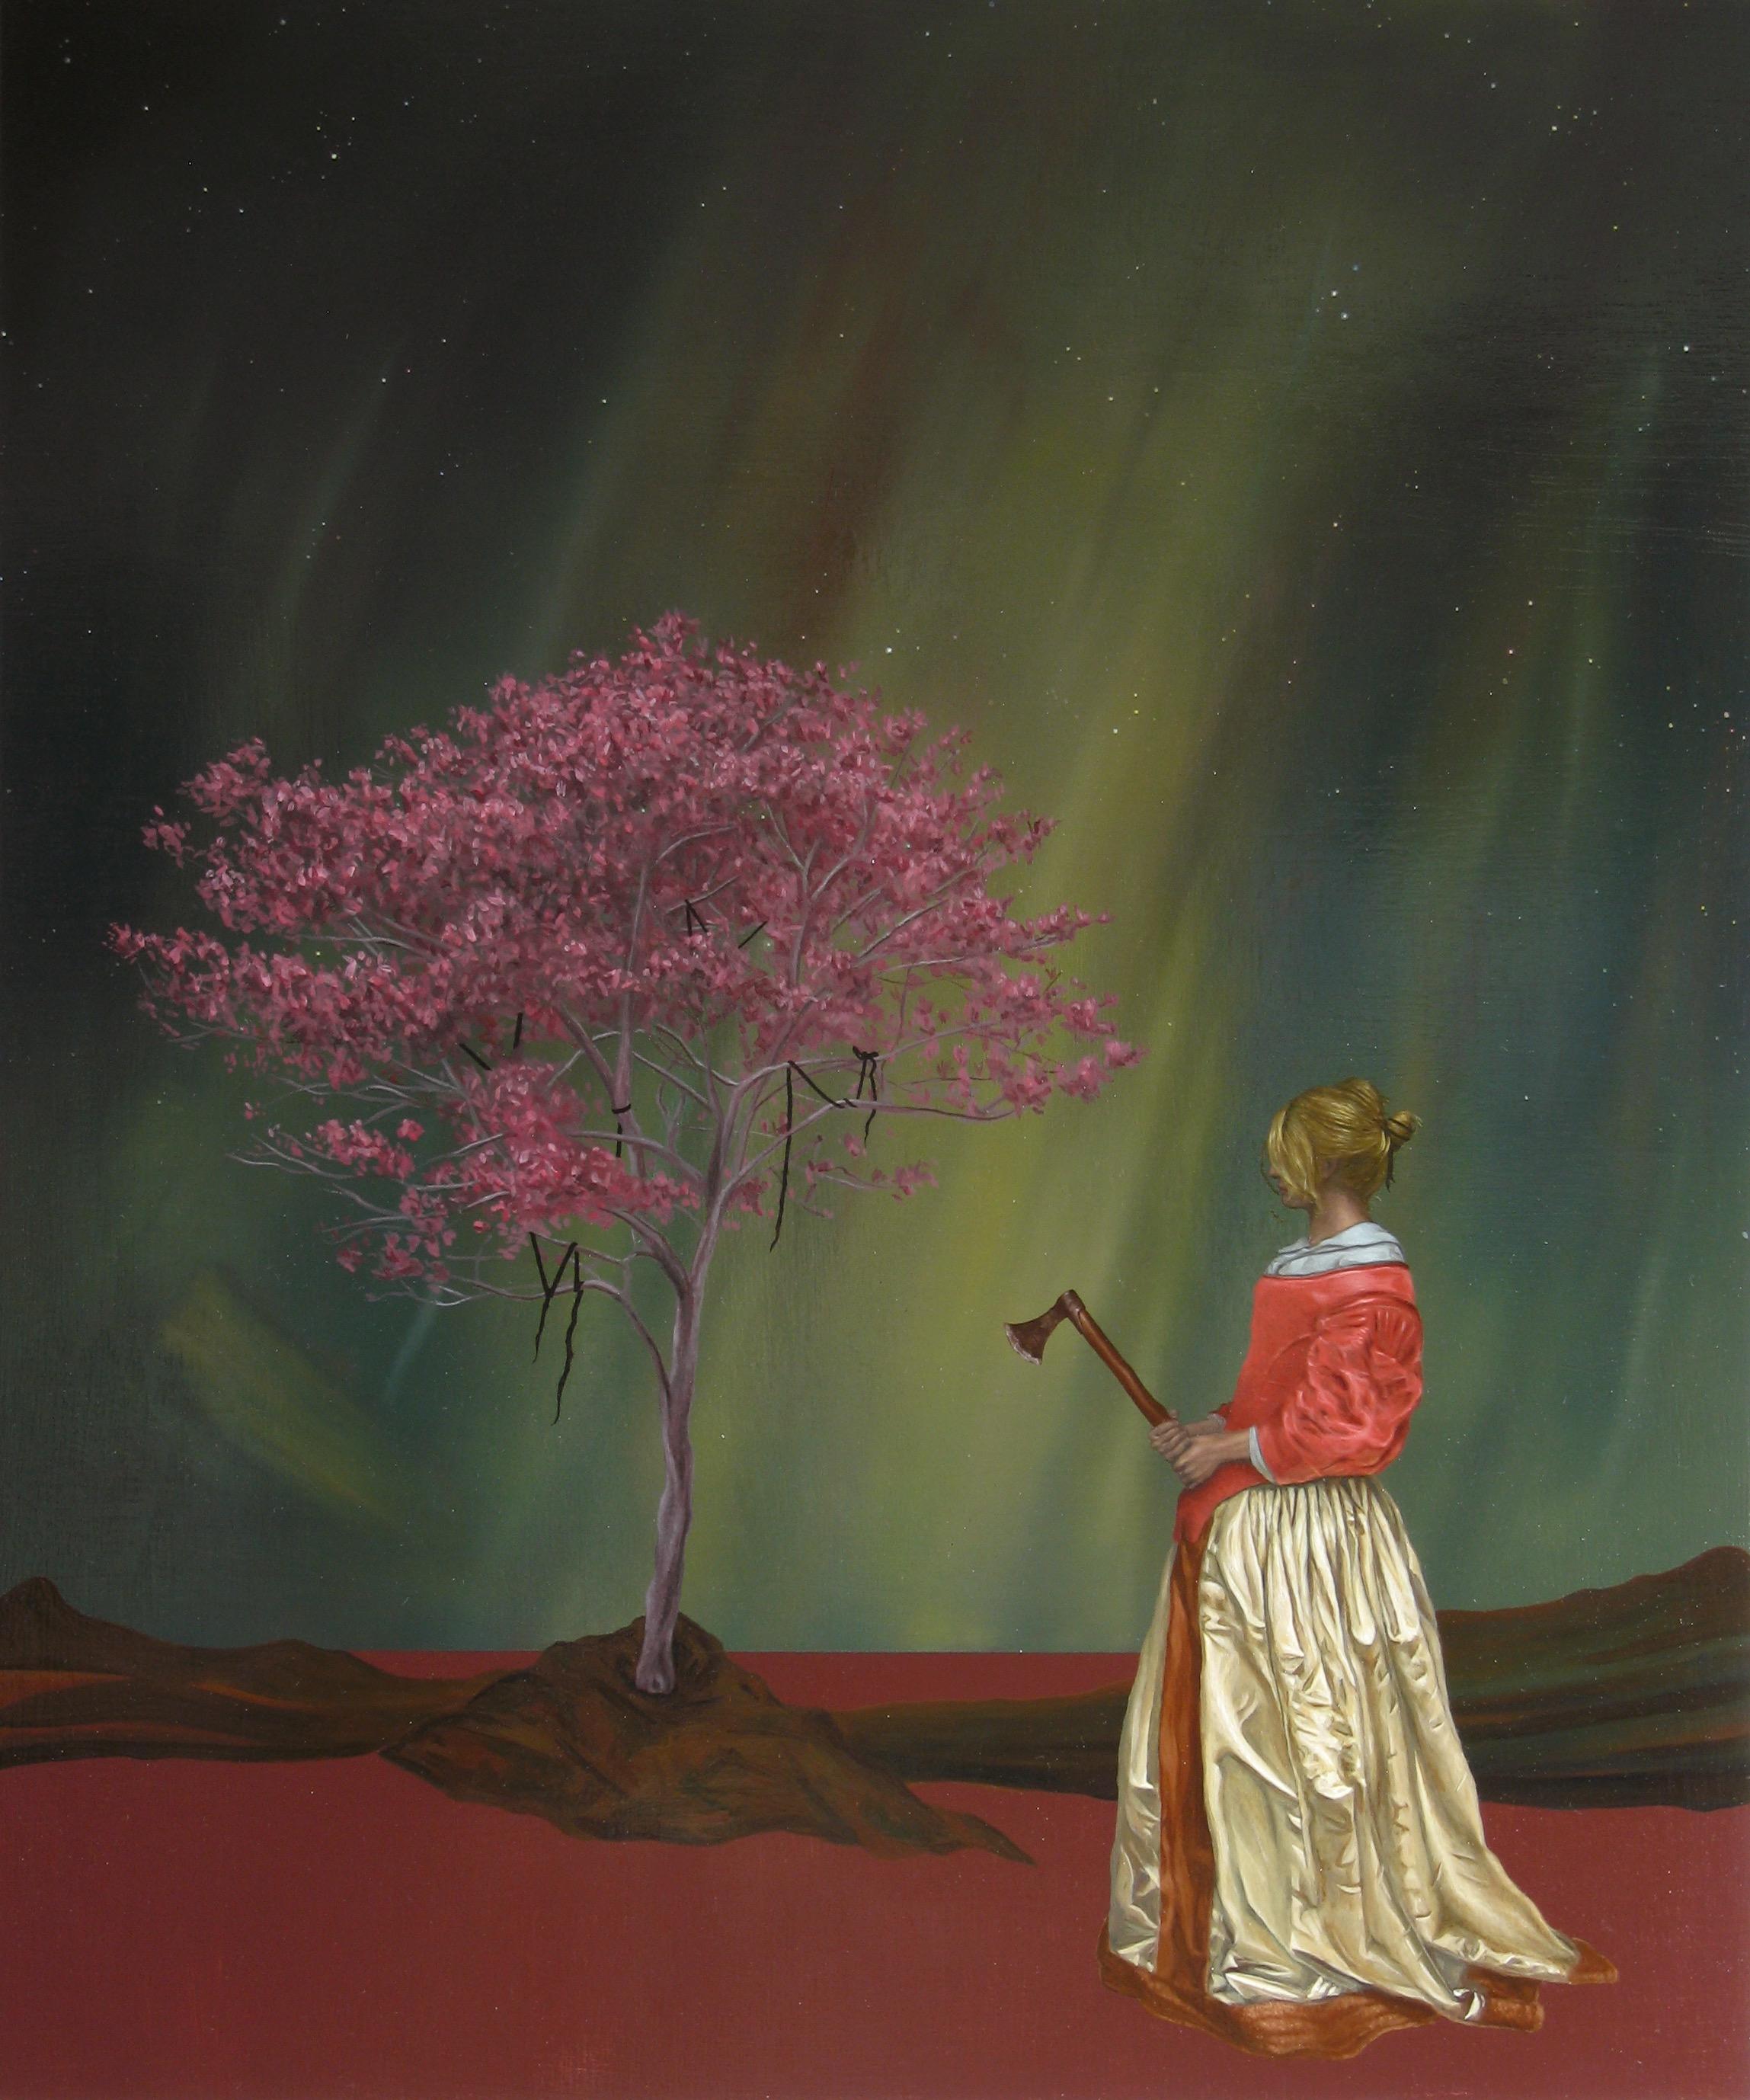 Atonement, Oil on wood panel, 60 x 50cm, 2007